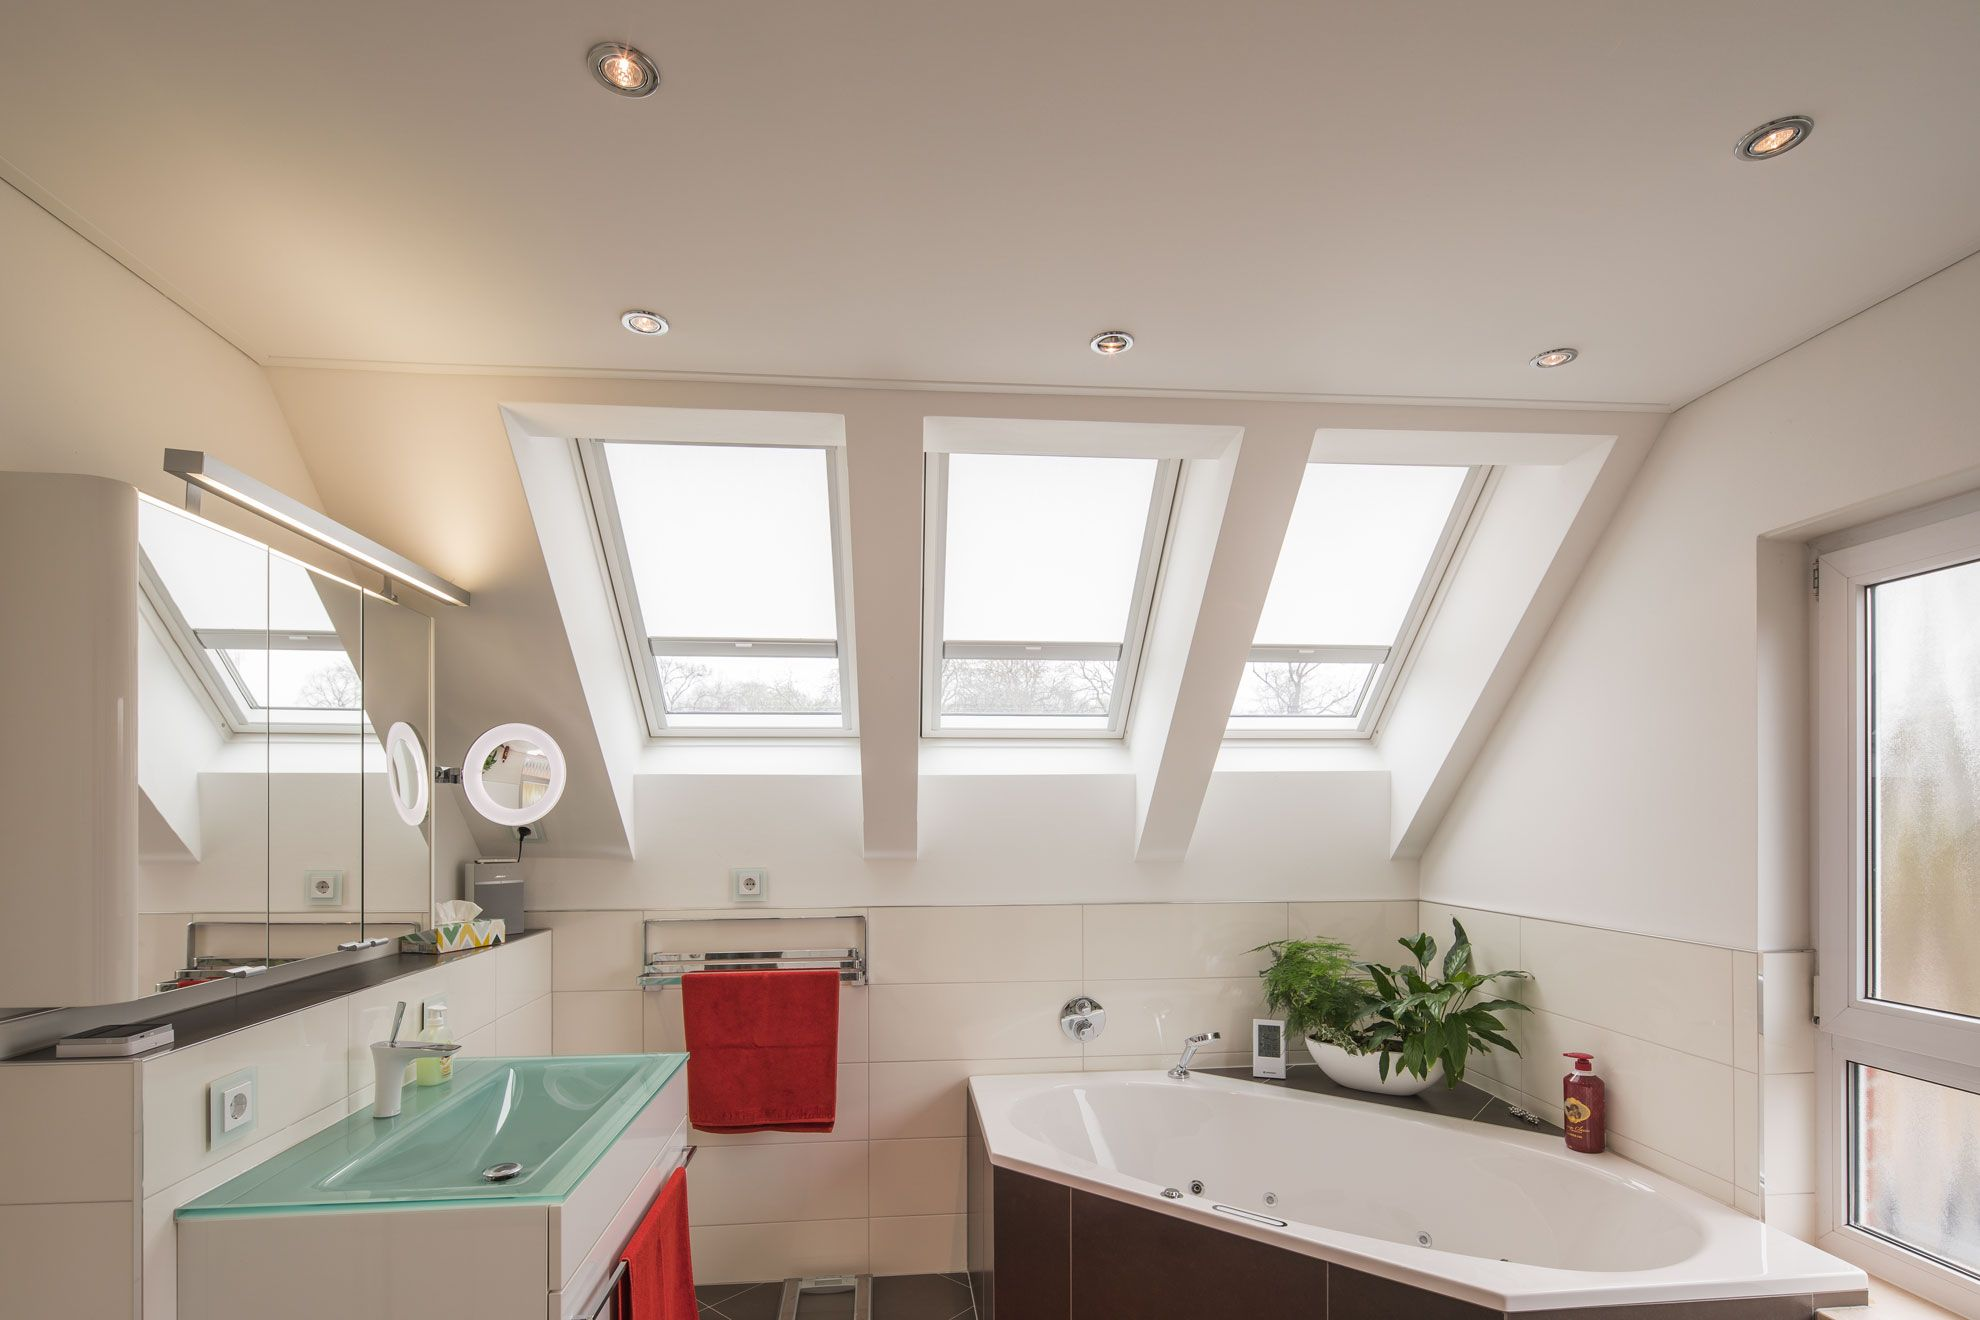 Badezimmerdeckenbeleuchtung Im Bad Mit Vielen Fenstern Badezimmerdeckenbeleuchtung Decke Beleuchtung Badezimm Badkamer Plafonds Plafondverlichting Badkamer